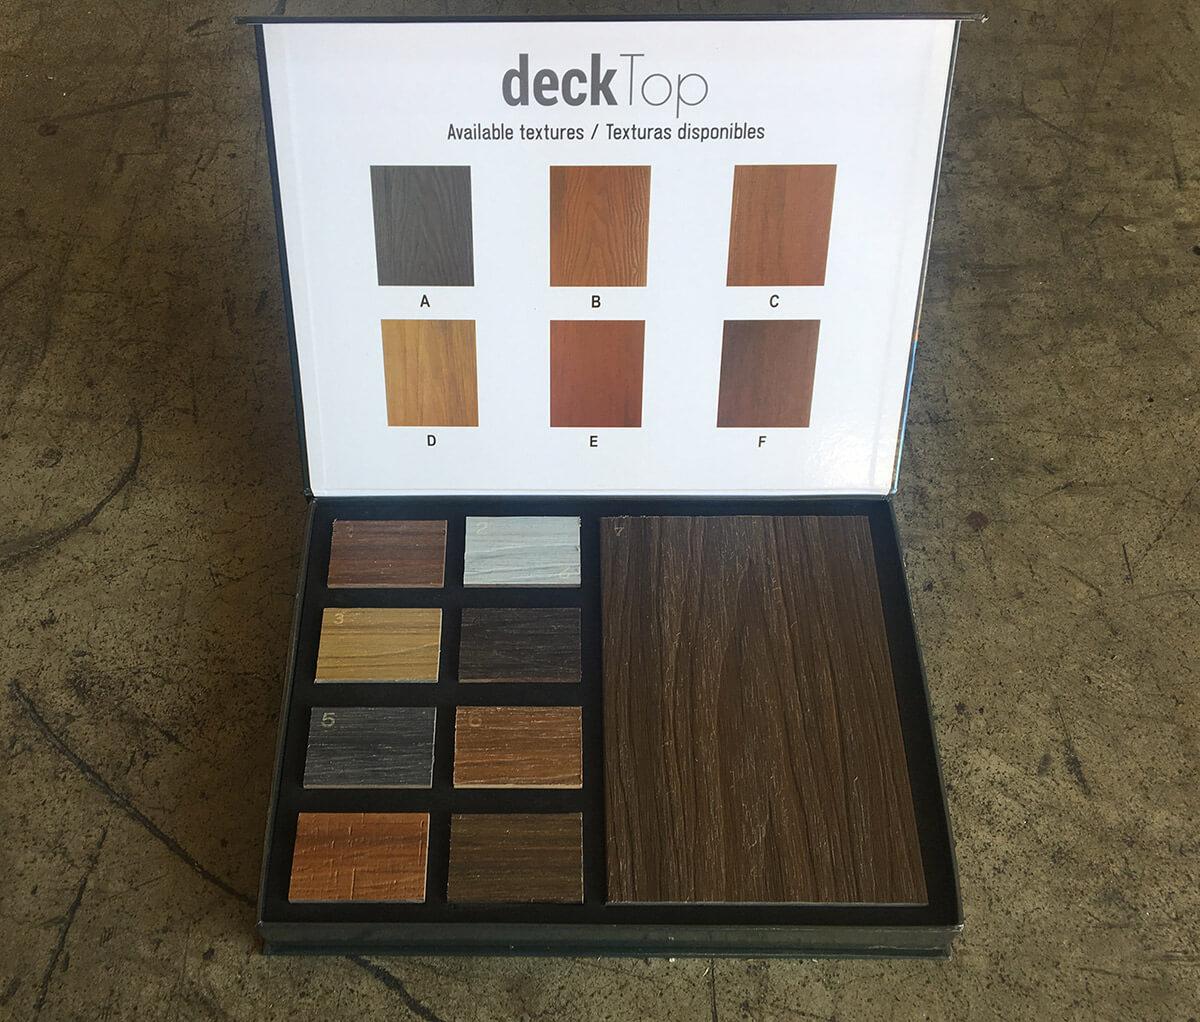 caja-decktop-interior-parquet-pavimentos-de-madera-sant-just-parquets